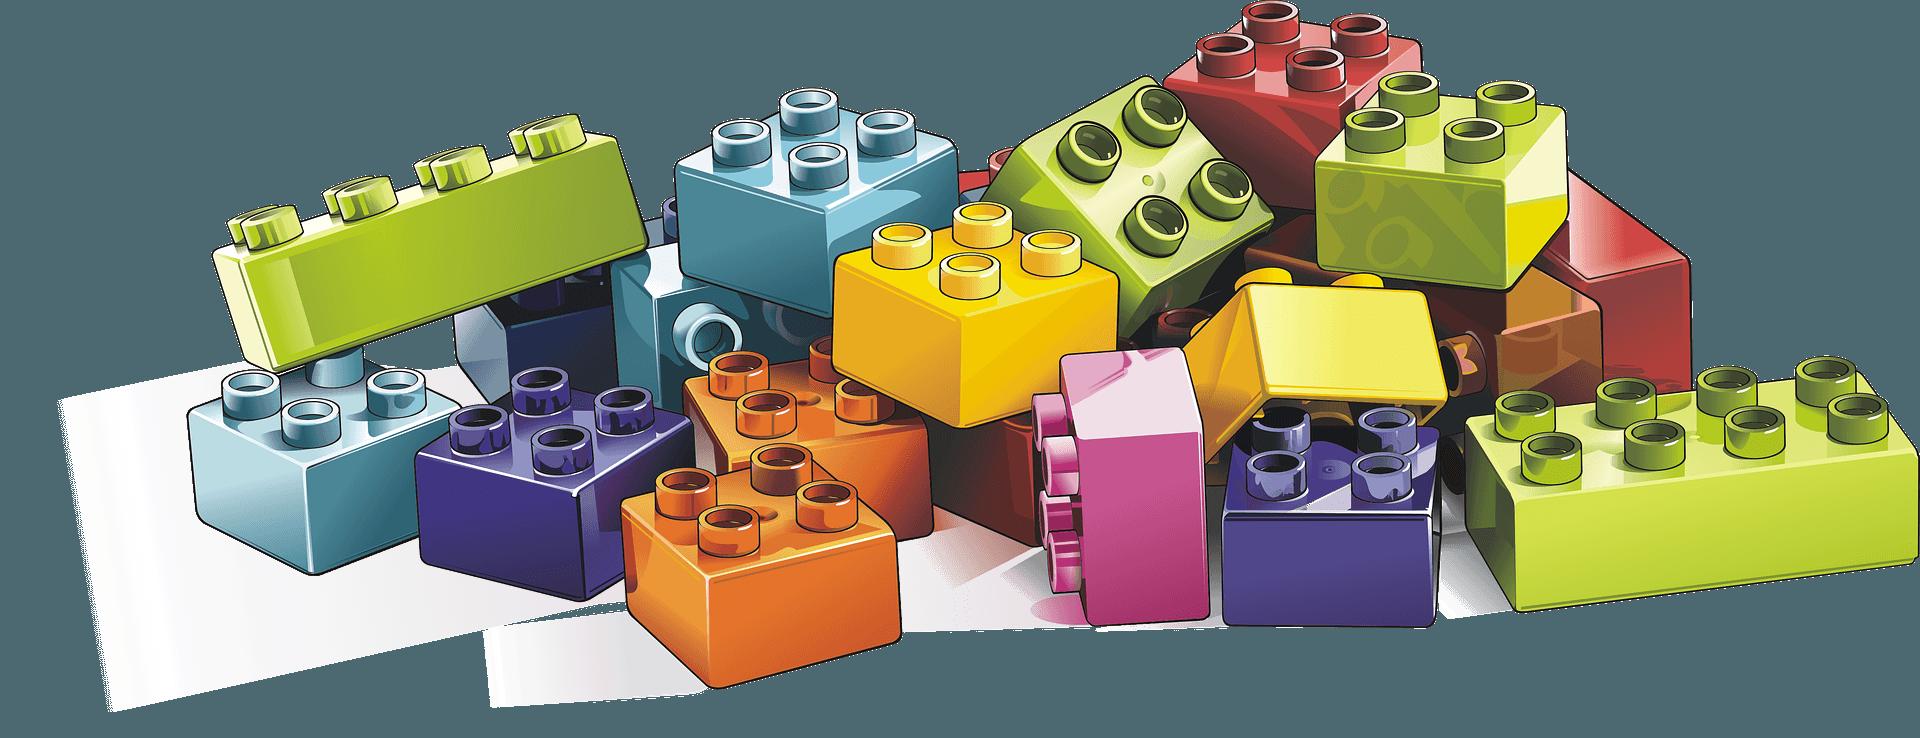 """Le modèle """"Money Lego"""" de la DeFi"""